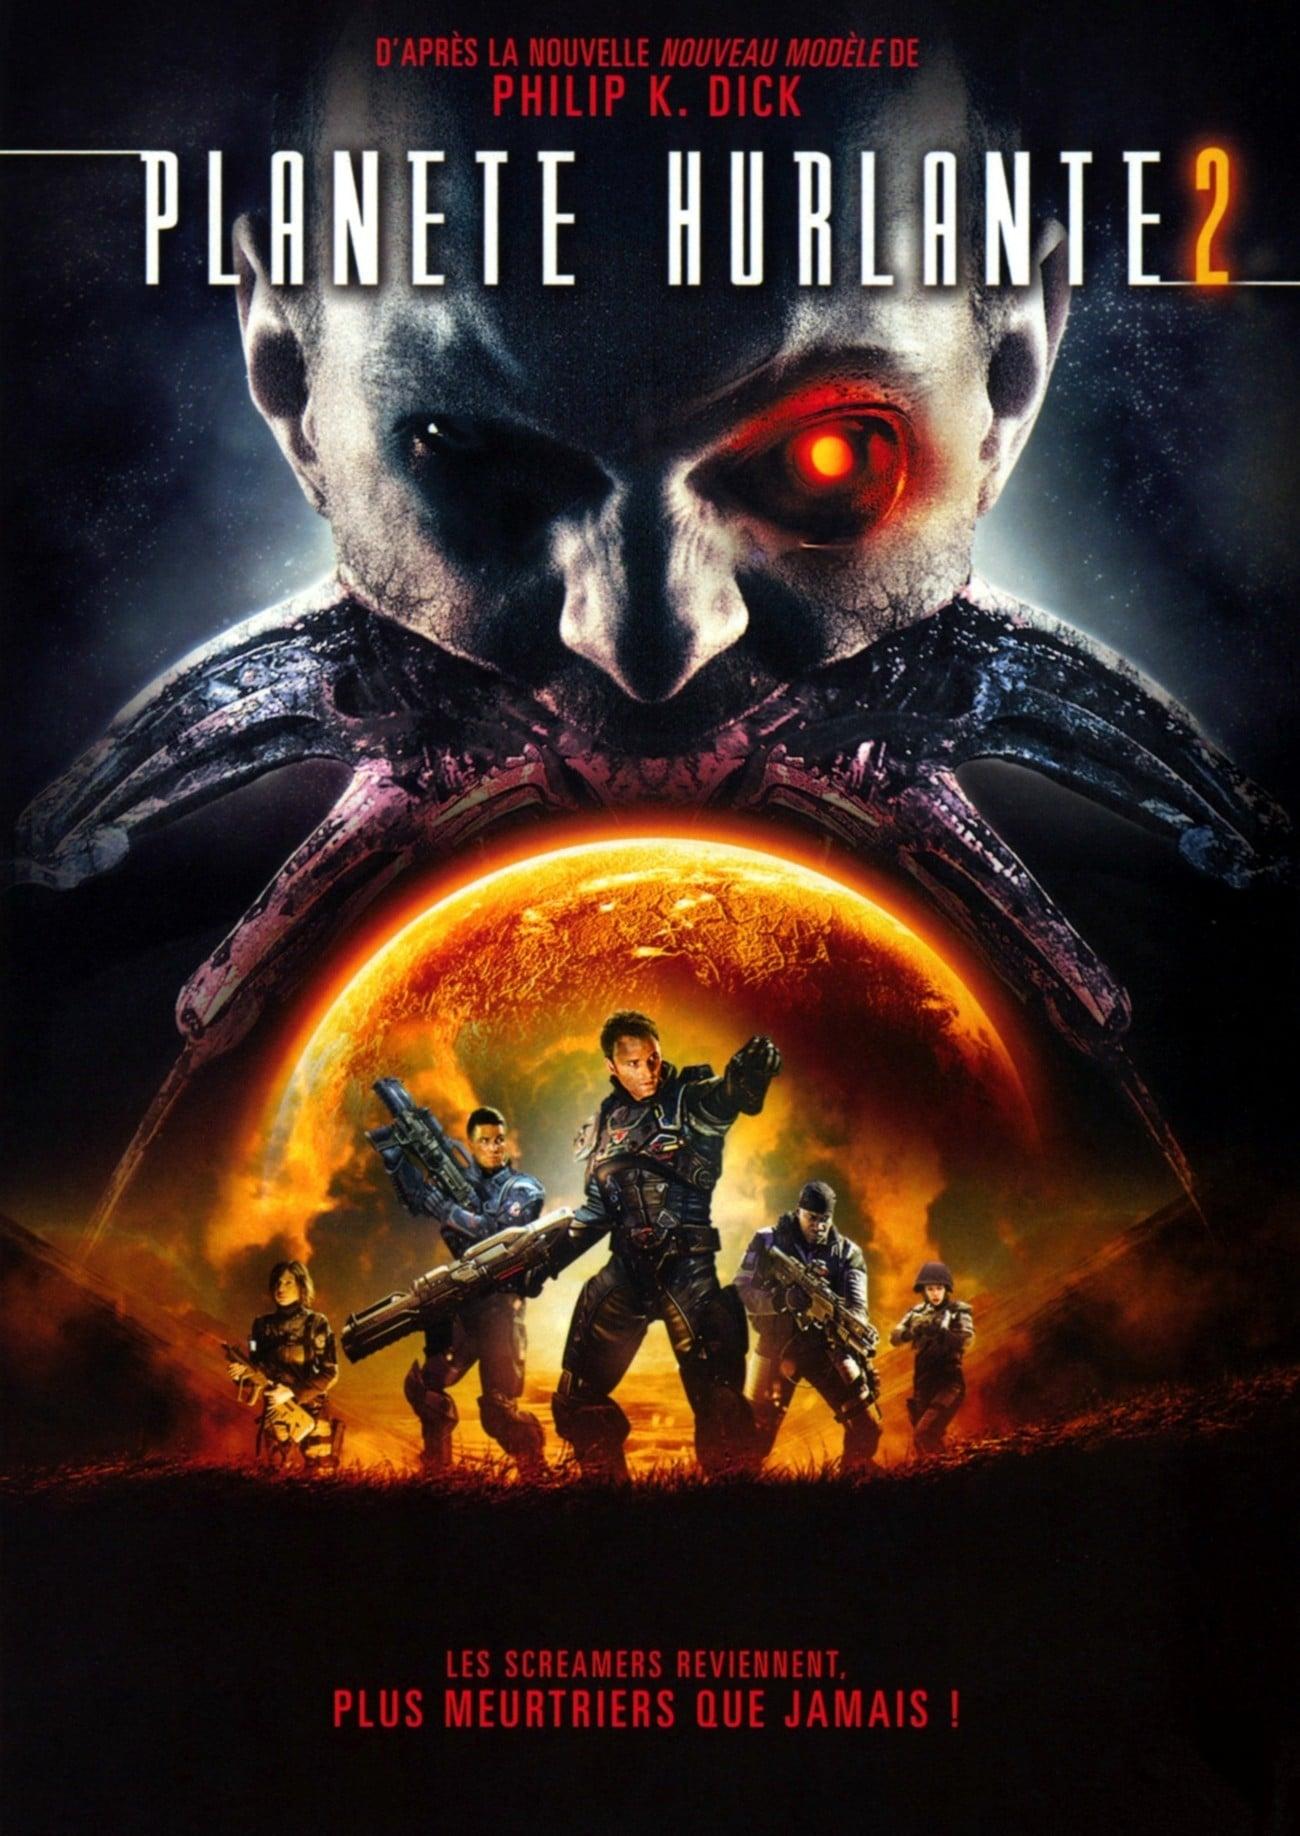 affiche du film Planète hurlante 2